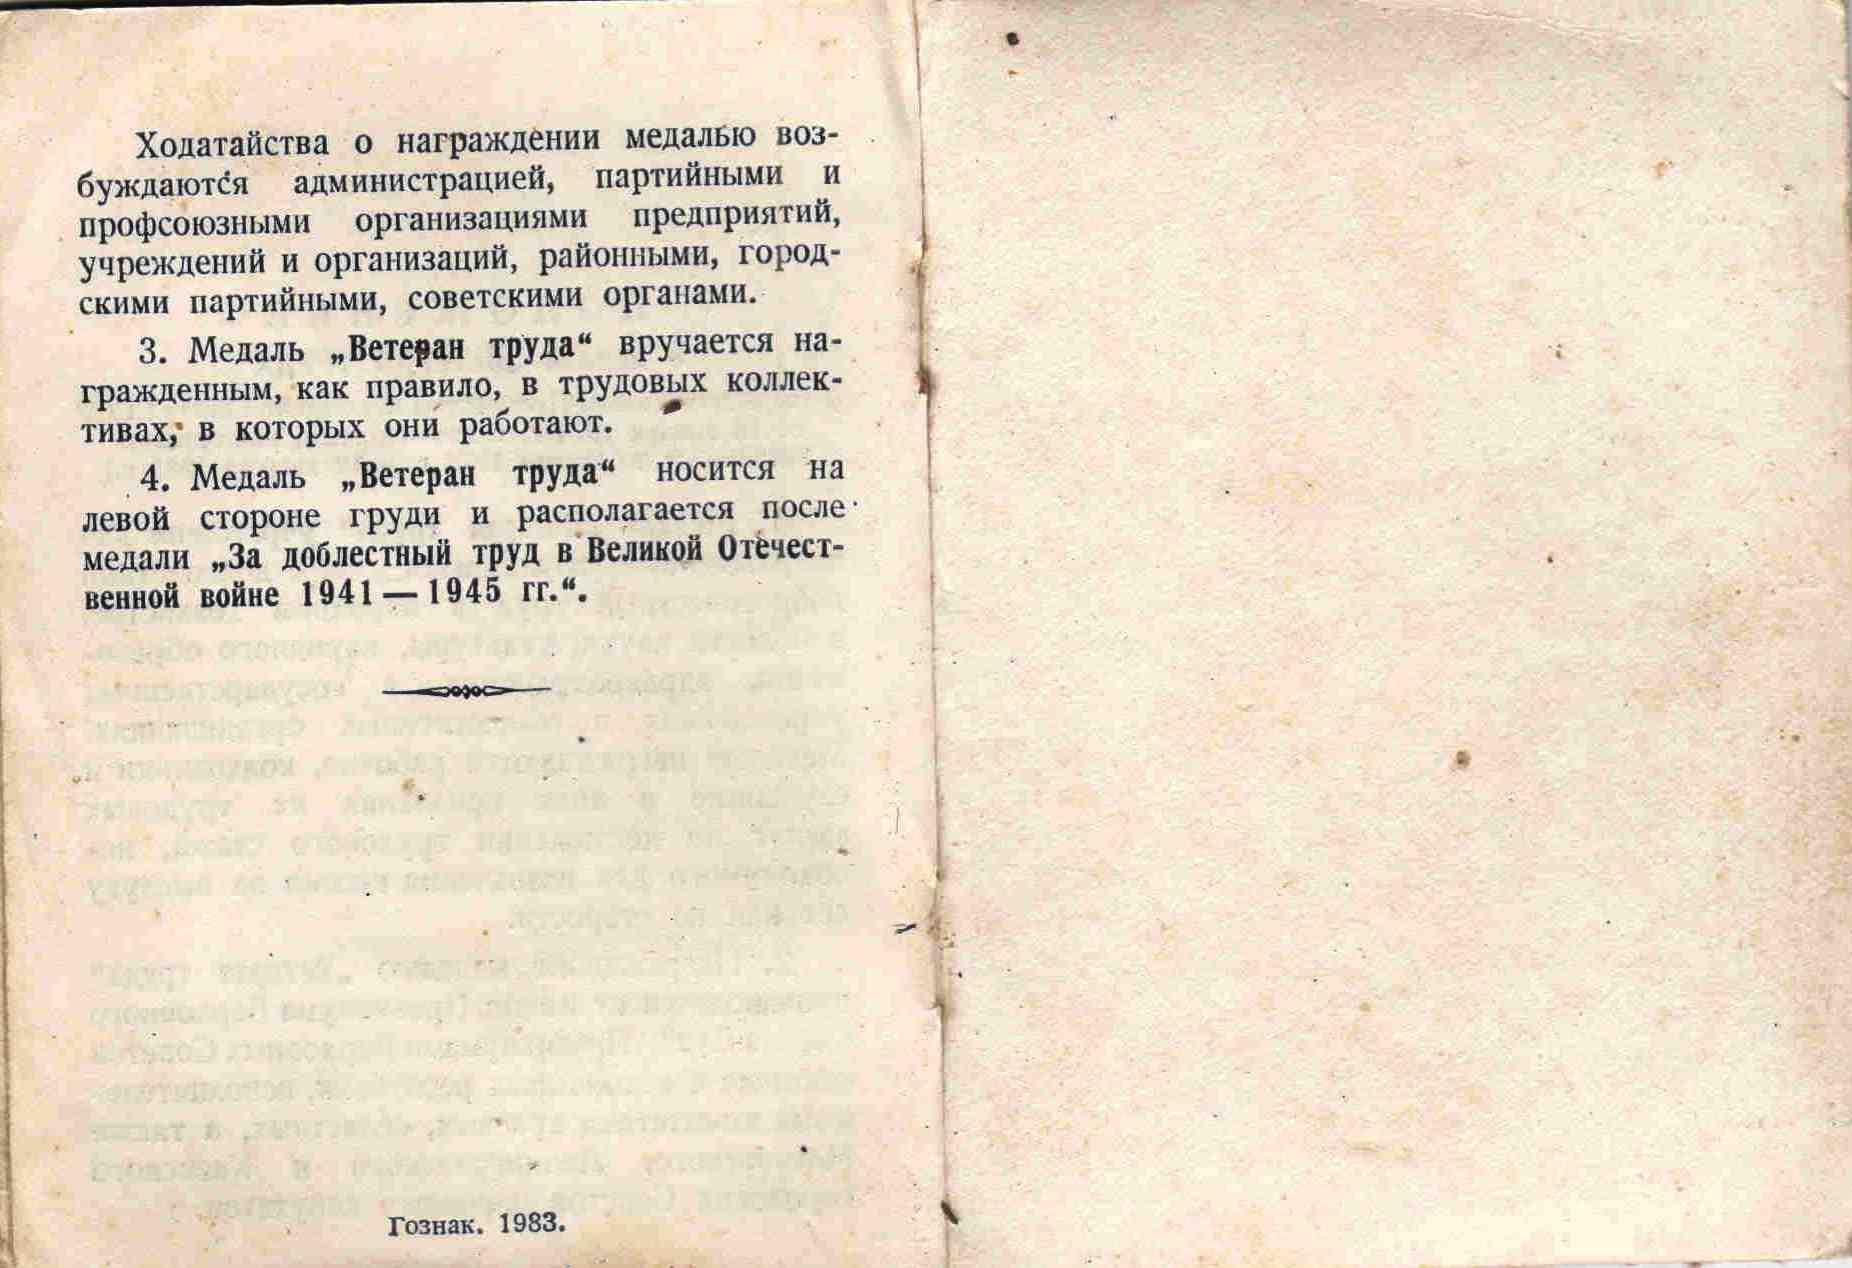 66. Удостоверение к медали Ветеран труда, 1984